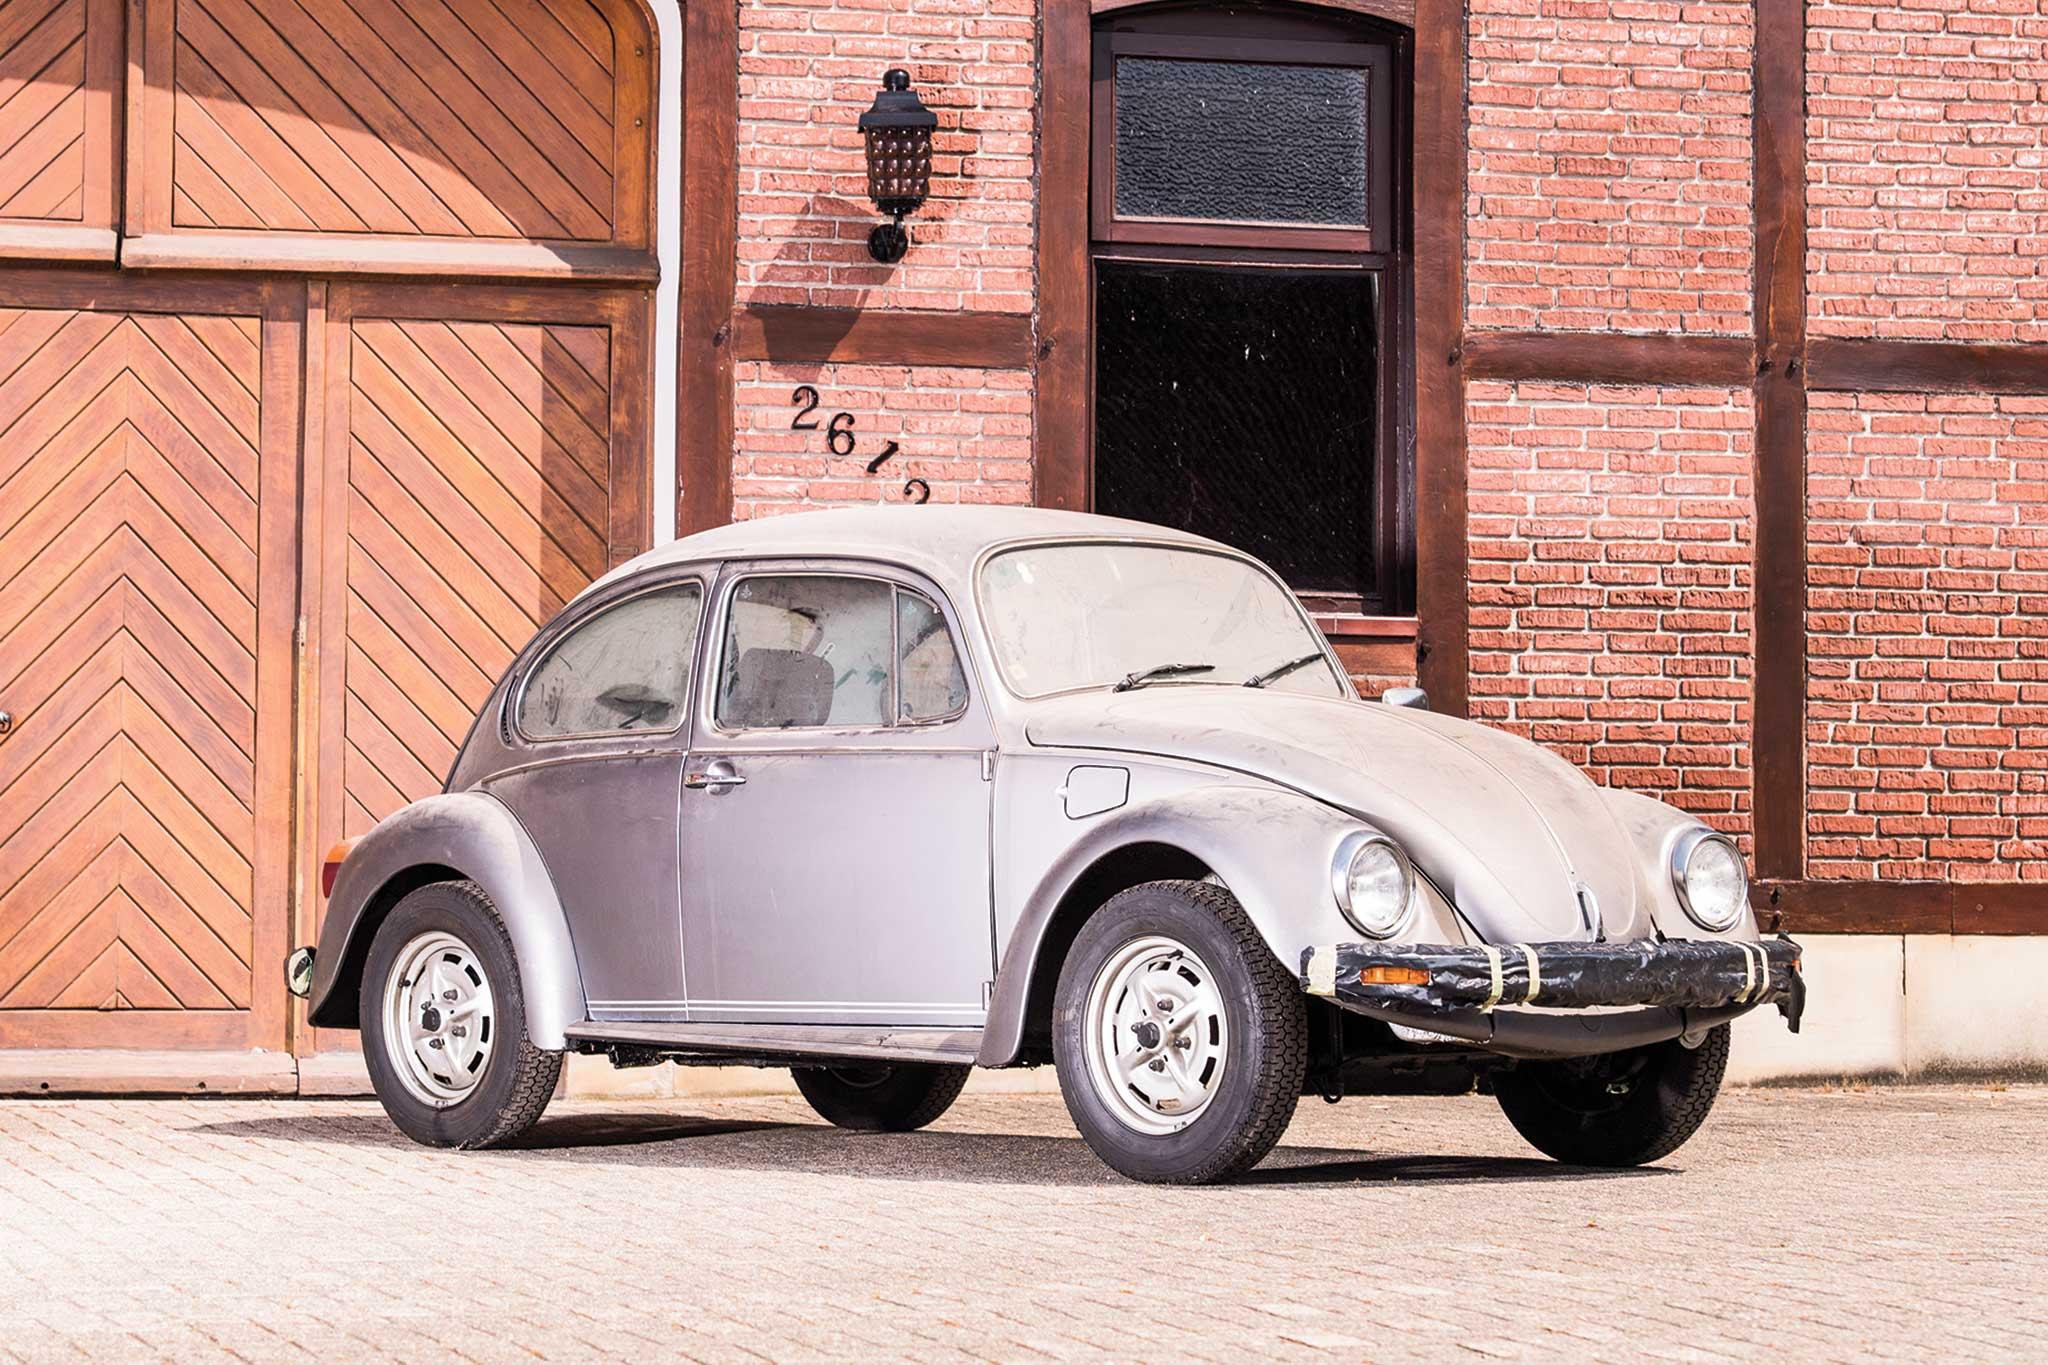 1985 Volkswagen Beetle